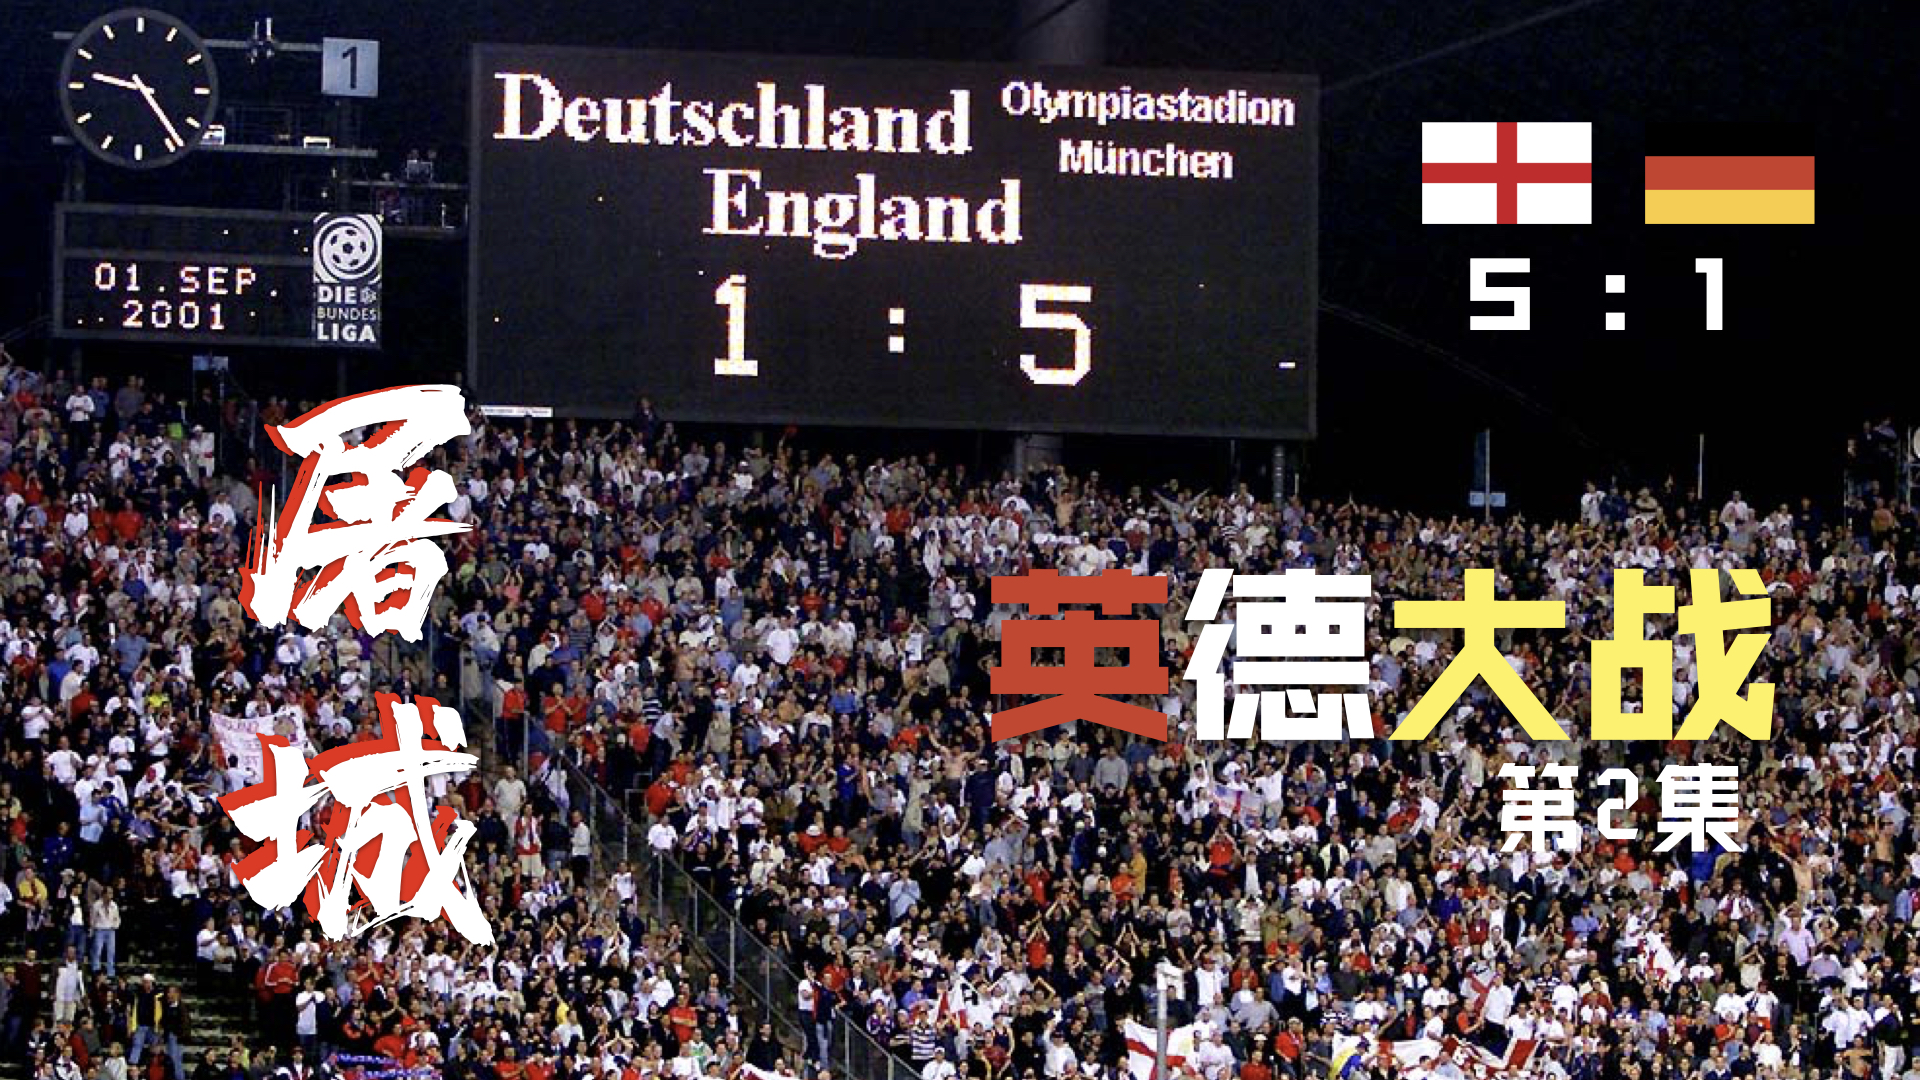 经典回顾:德国人的耻辱一战,英格兰人在英德大战中为数不多的大胜  足球话题区